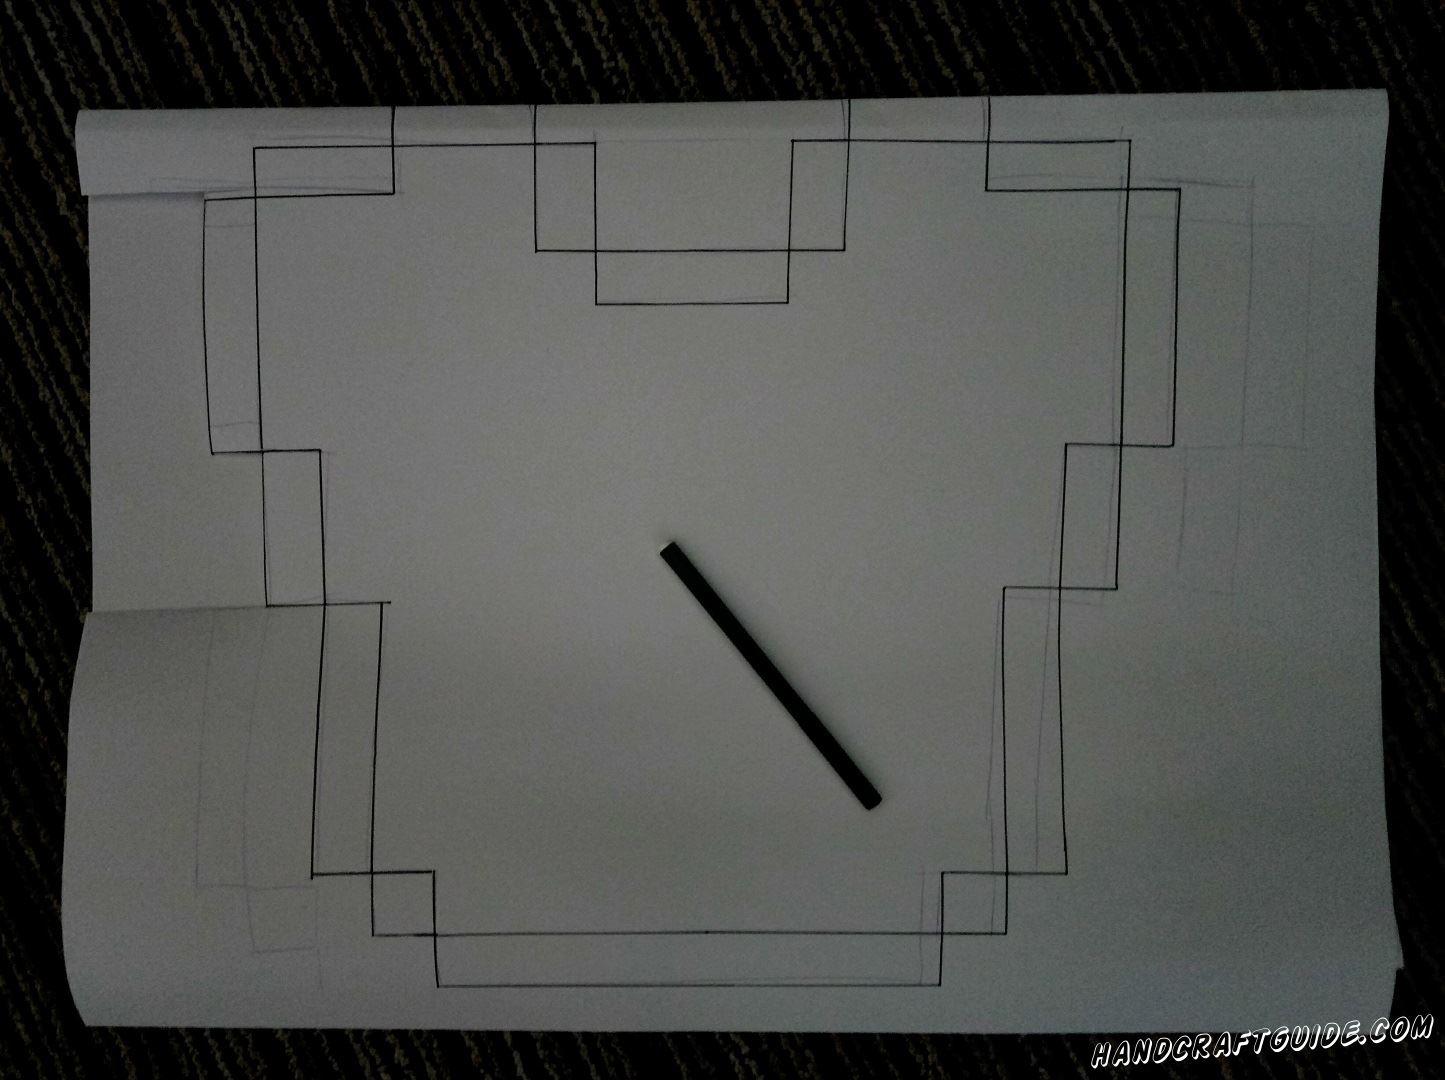 Рисуем на одной стороне форму воротника, с помощью линейки и карандаша (фломастера)